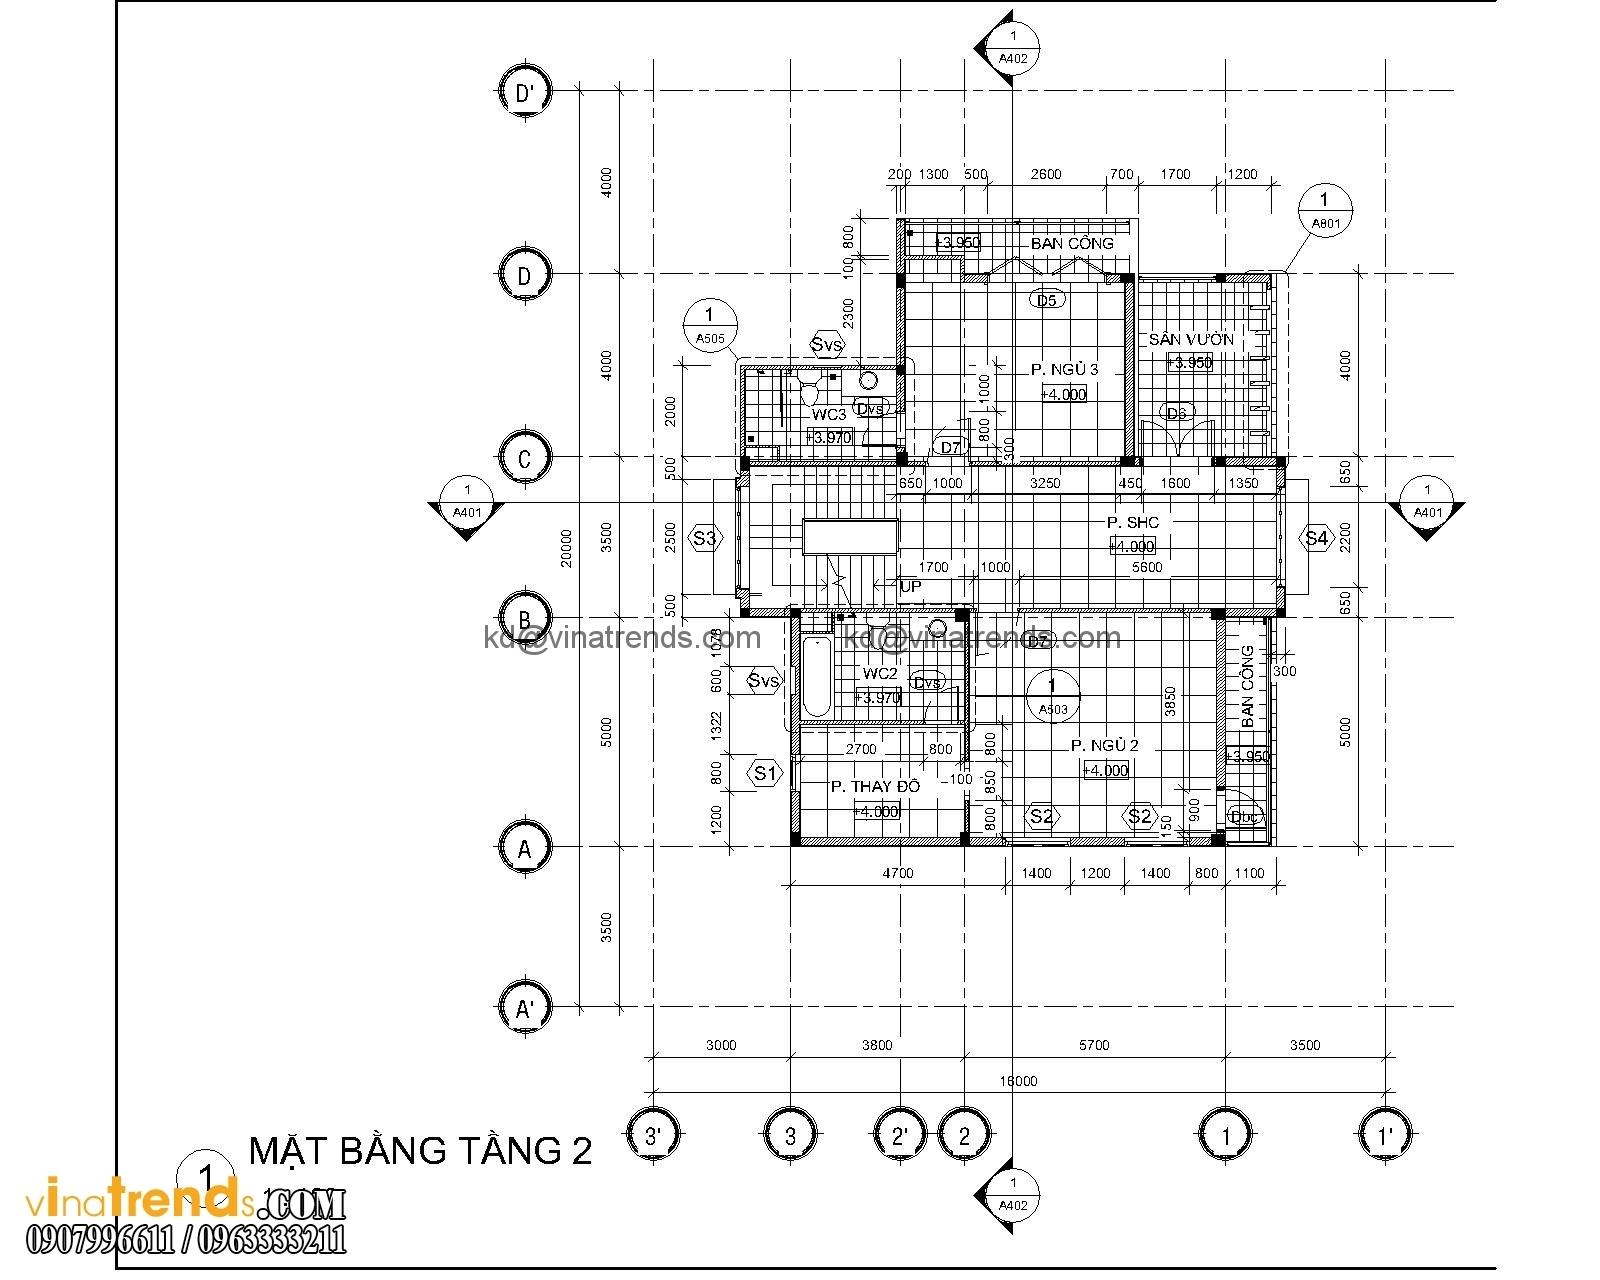 mat bang biet thu hien dai 3 tang 18x20m 7 Biệt thự mini 3 tầng đẹp hoa phải ghen liễu cũng hờn   BTMN101014A